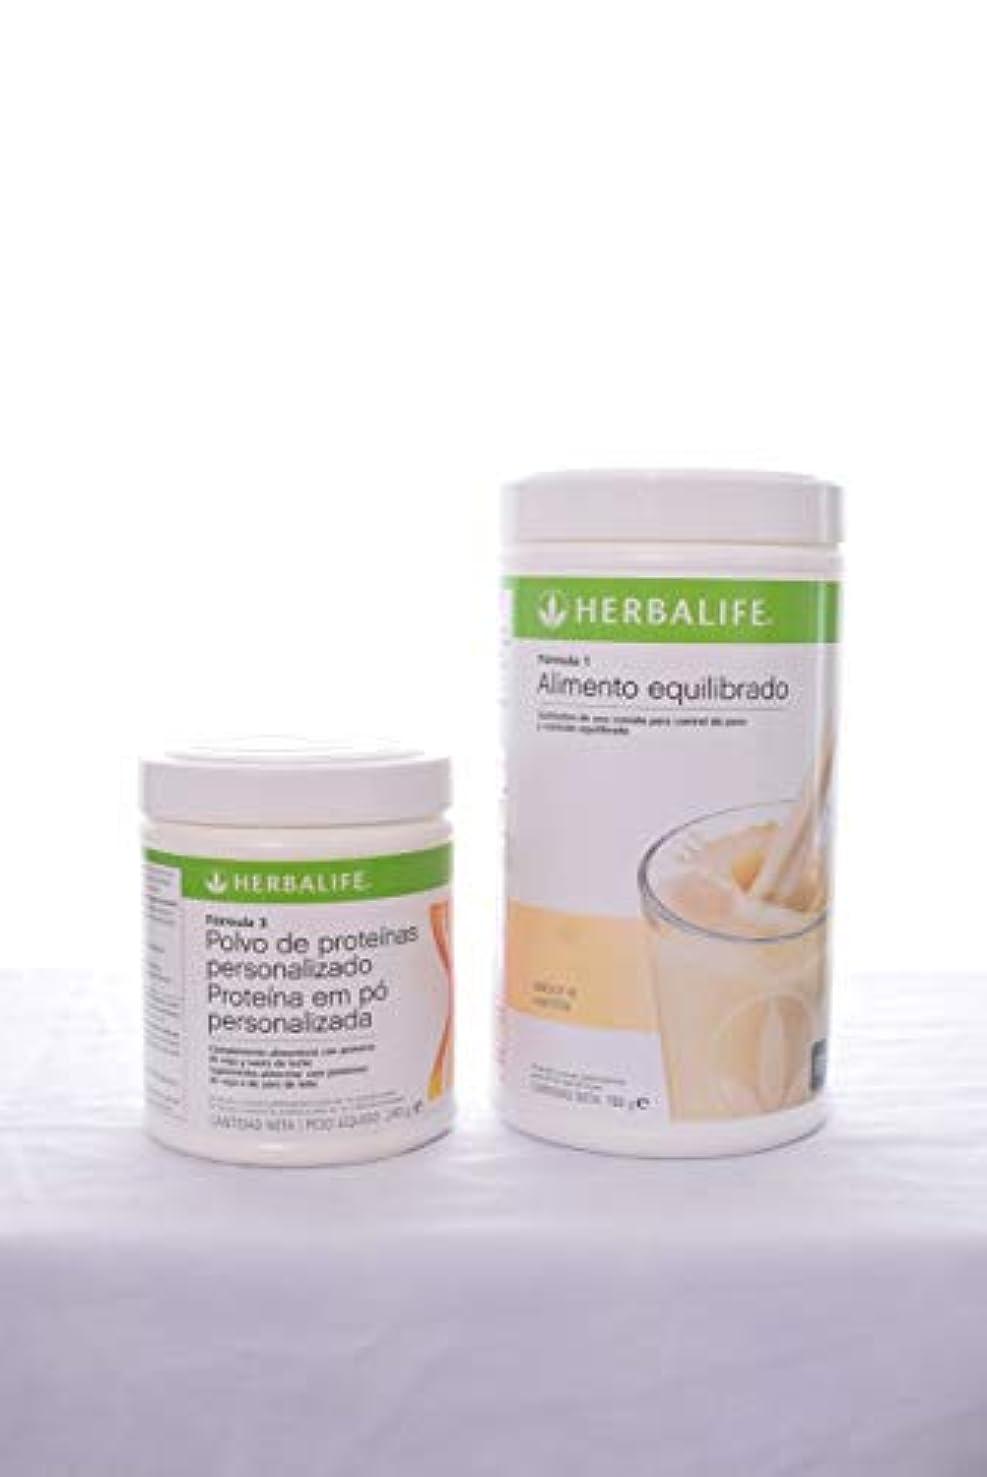 まさにこどもの宮殿有利Herbalifeフォーミュラ1 Shake mix-dutchチョコレート( 750g ) +式2 Personalized Protein Powder ( PPP ) -360g Unflavoured。